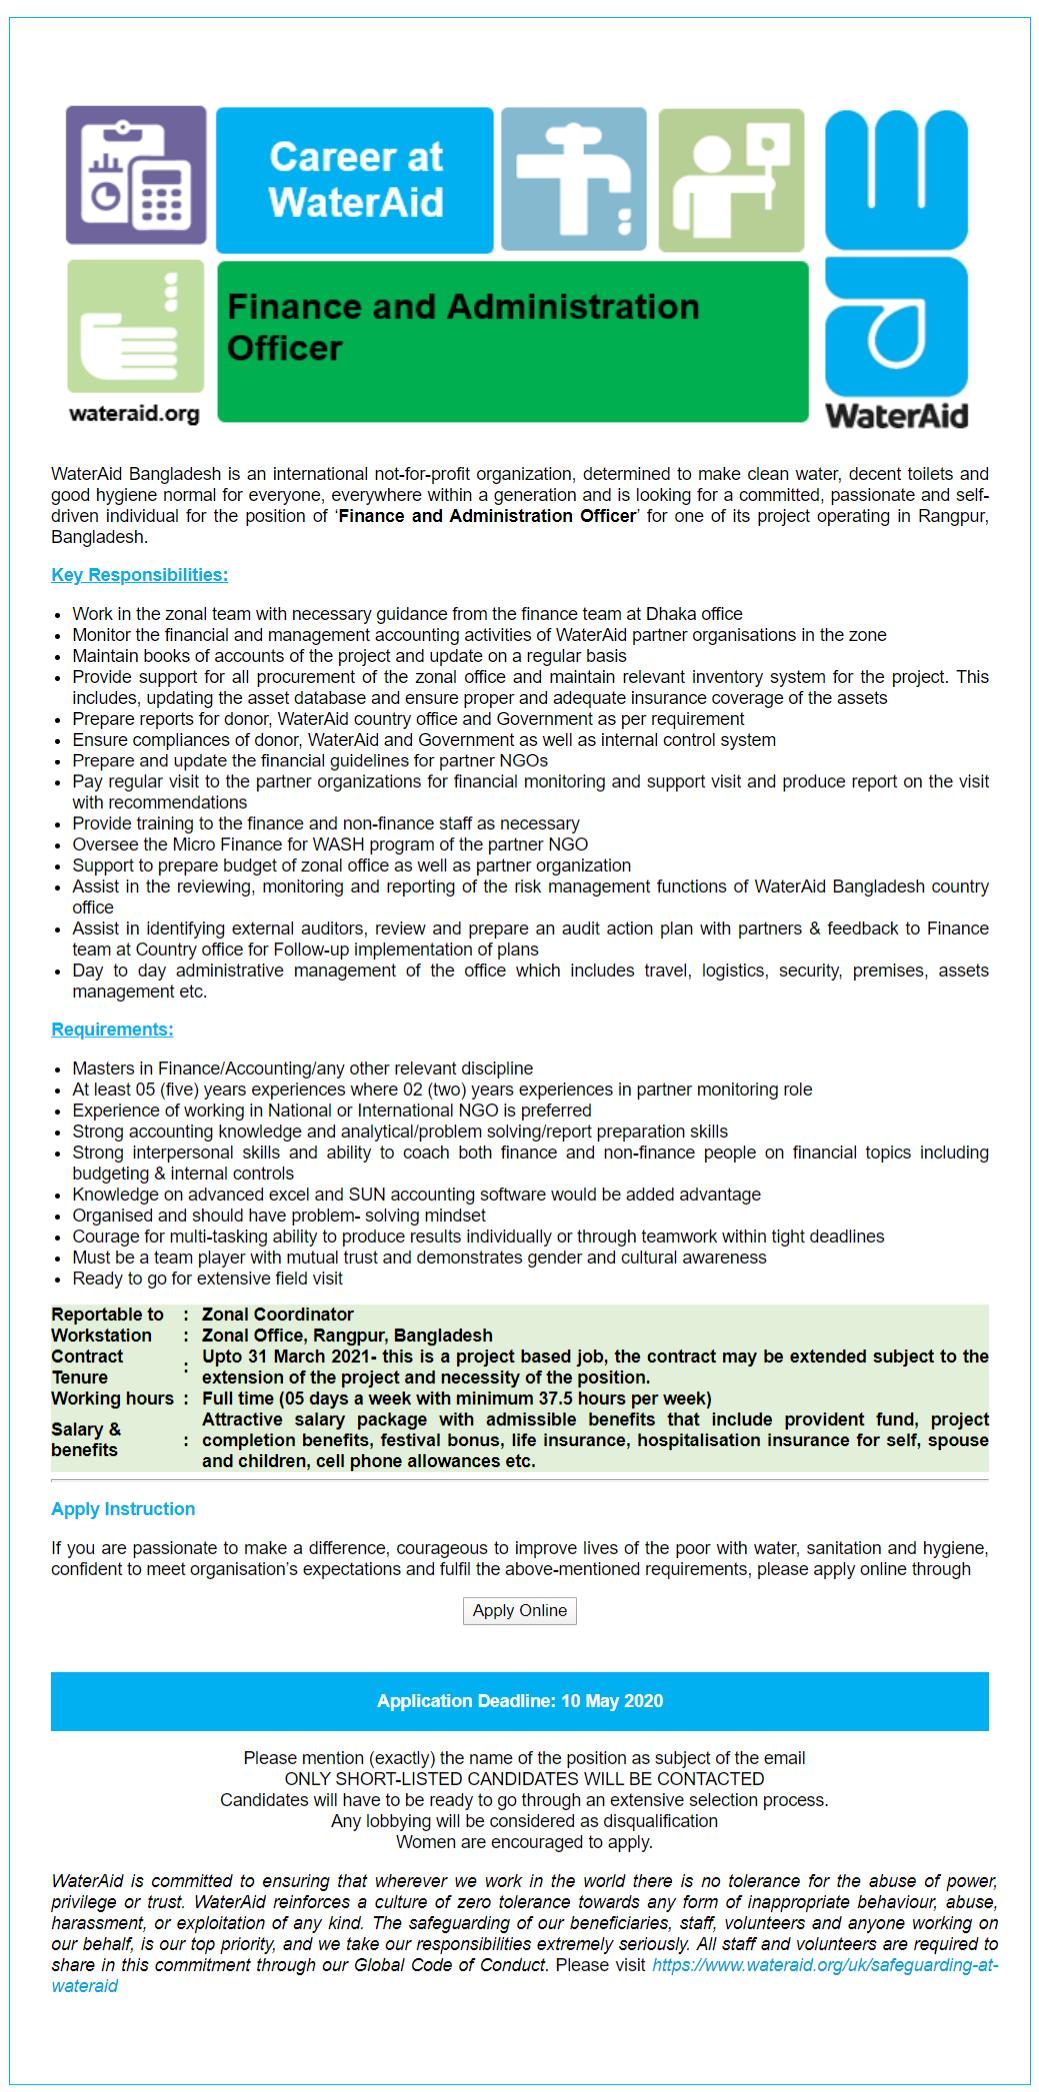 WaterAid Bangladesh Job Circular 2020